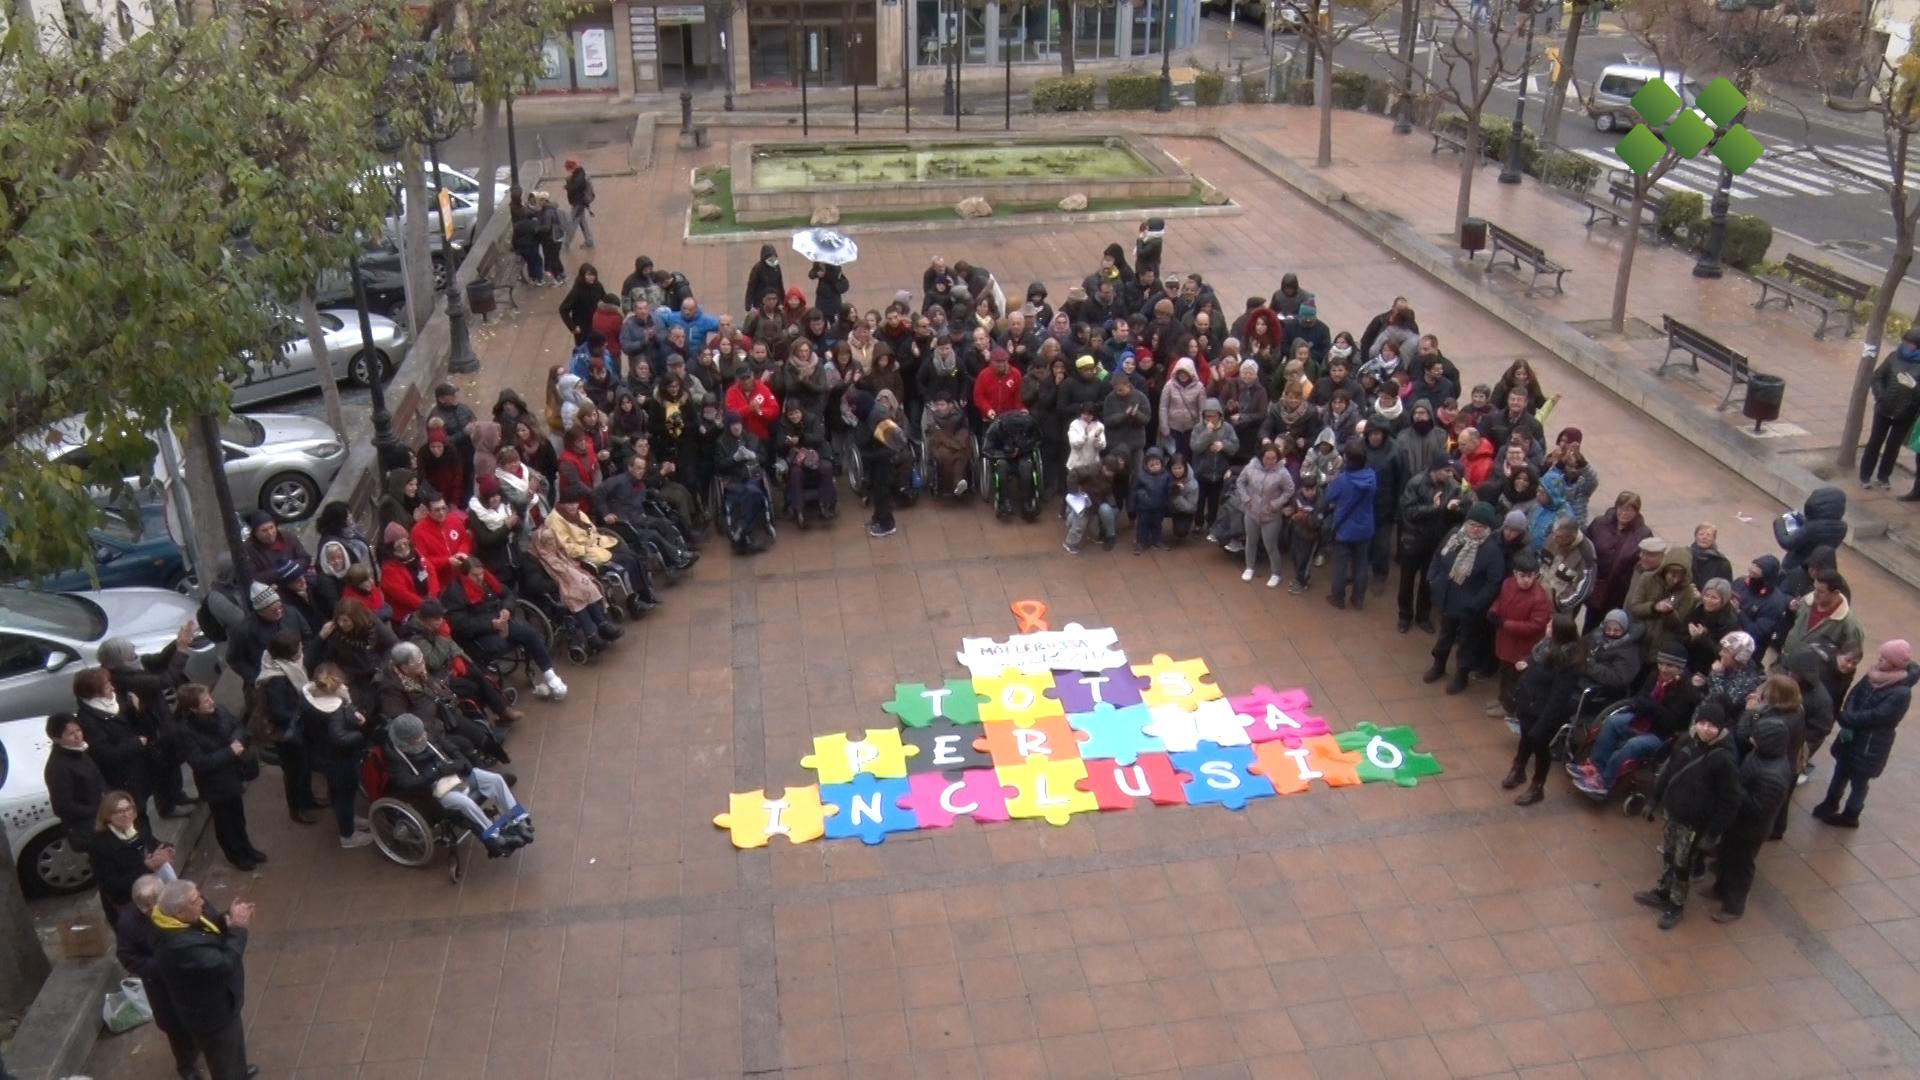 Unes 150 persones commemoren el Dia Internacional de les Persones amb Discapacitat